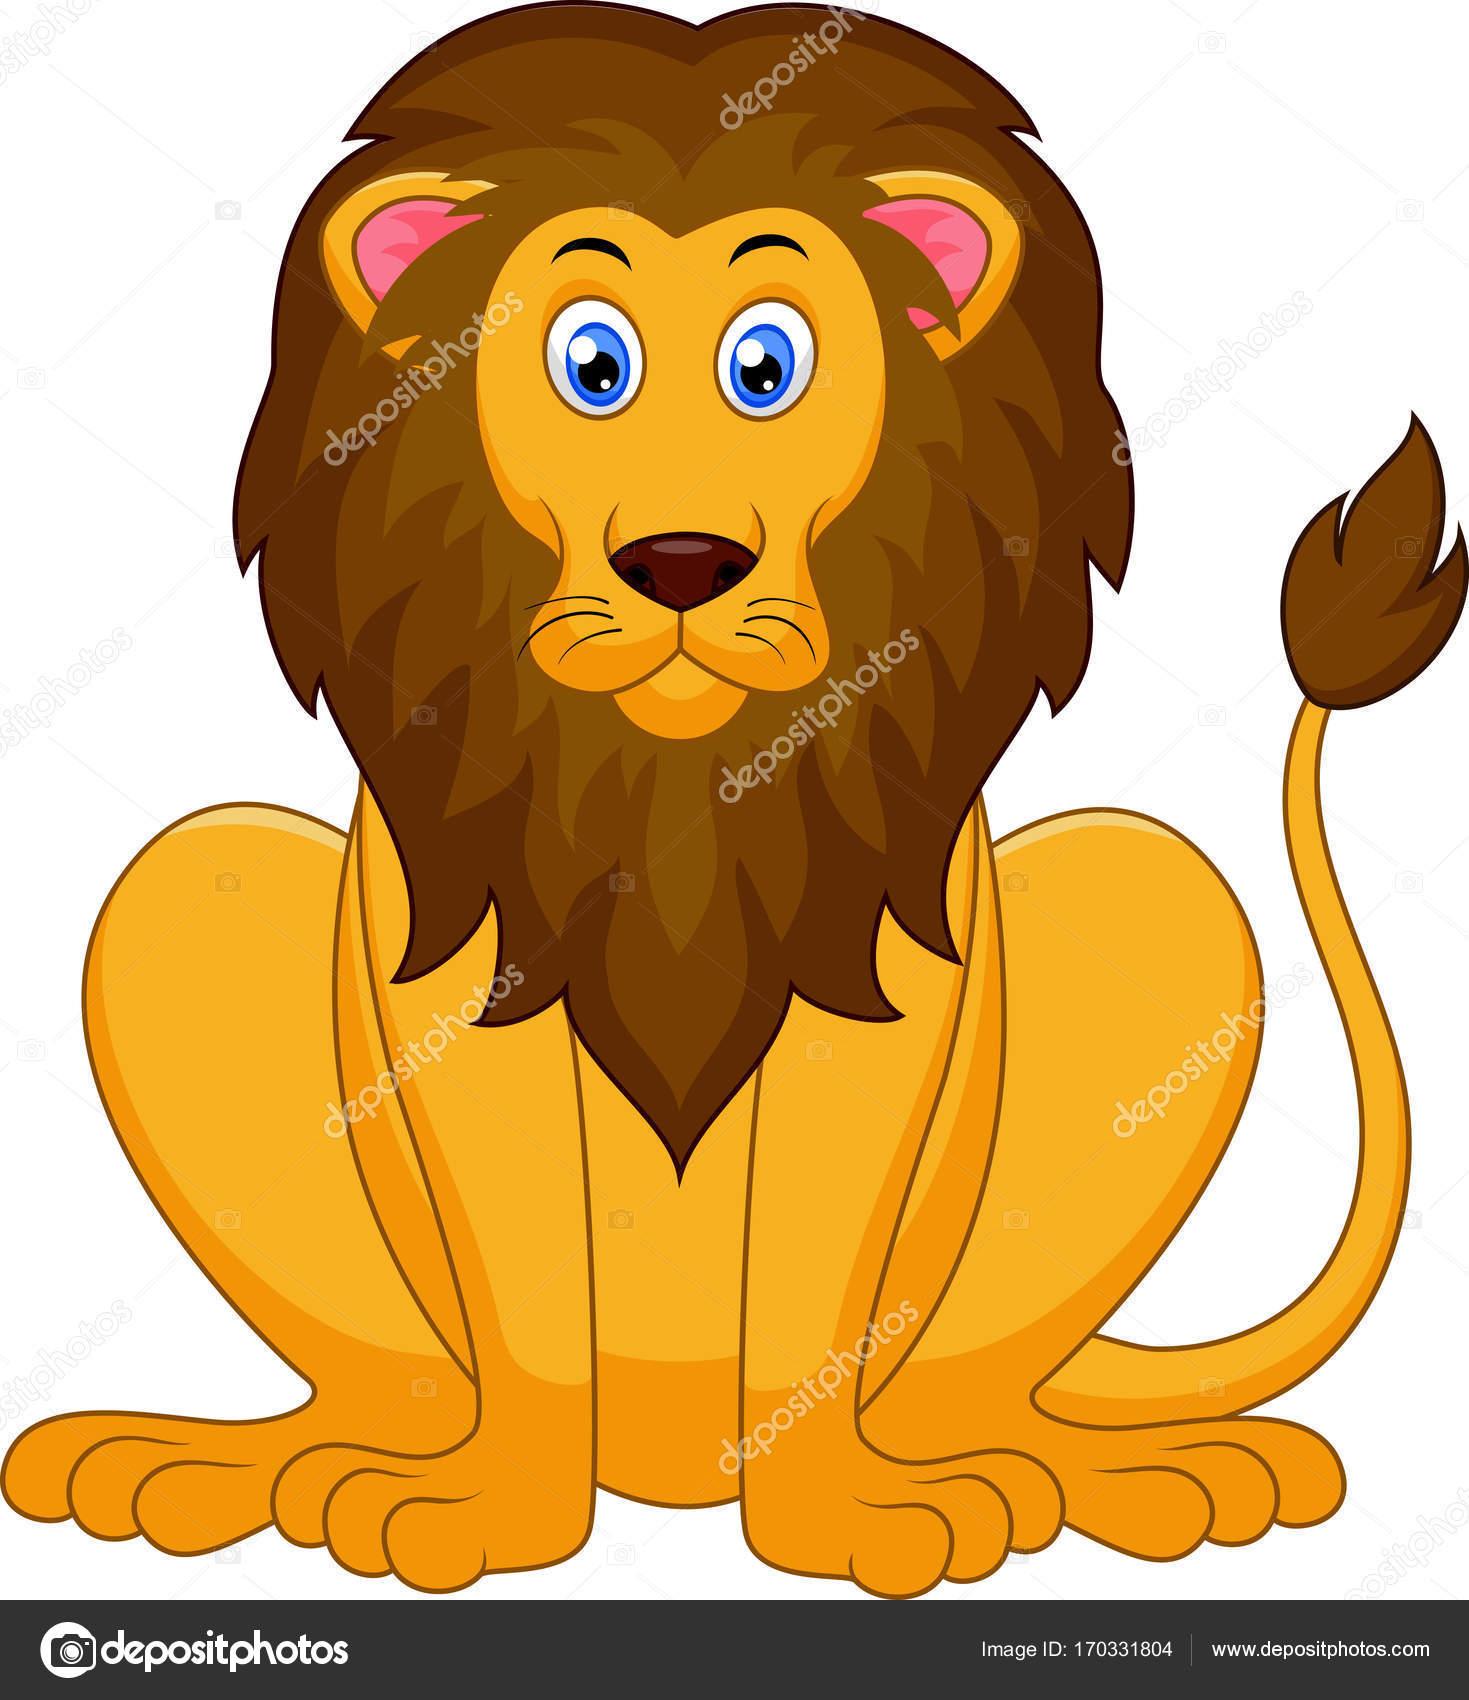 Dibujos Del Rey Leon En Color De Dibujos Animados Lindo León